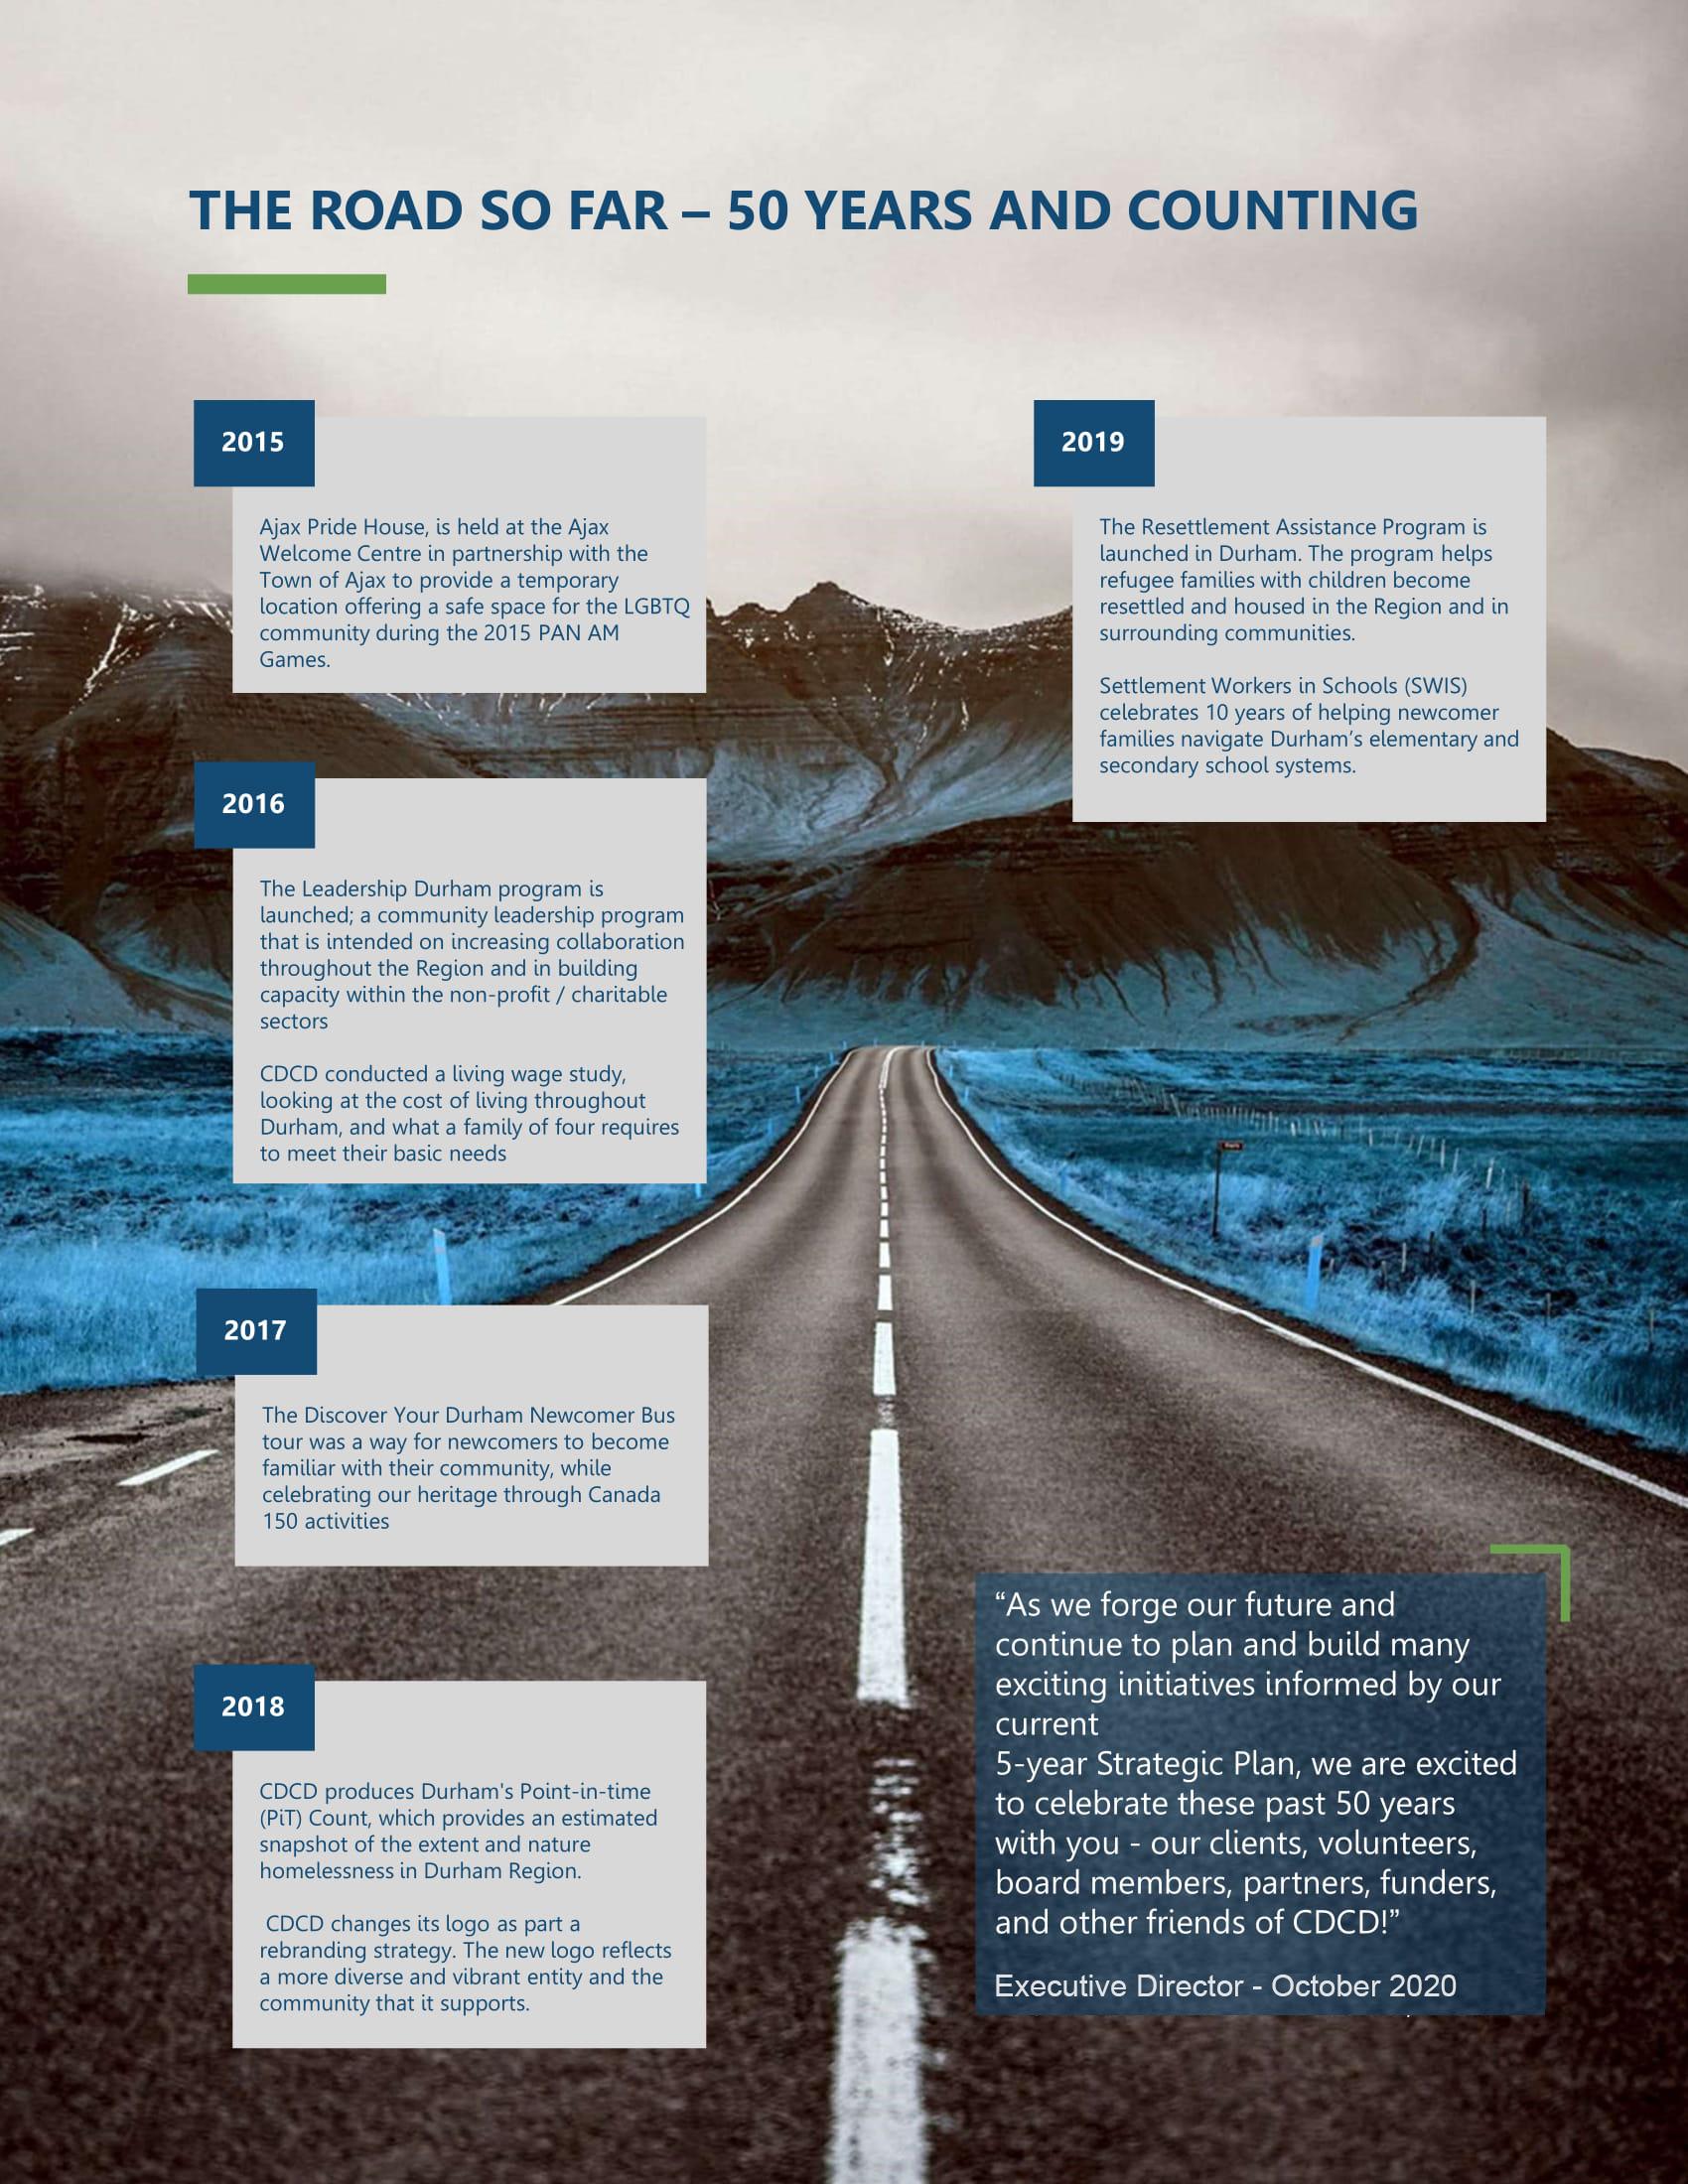 CDCD History Timeline